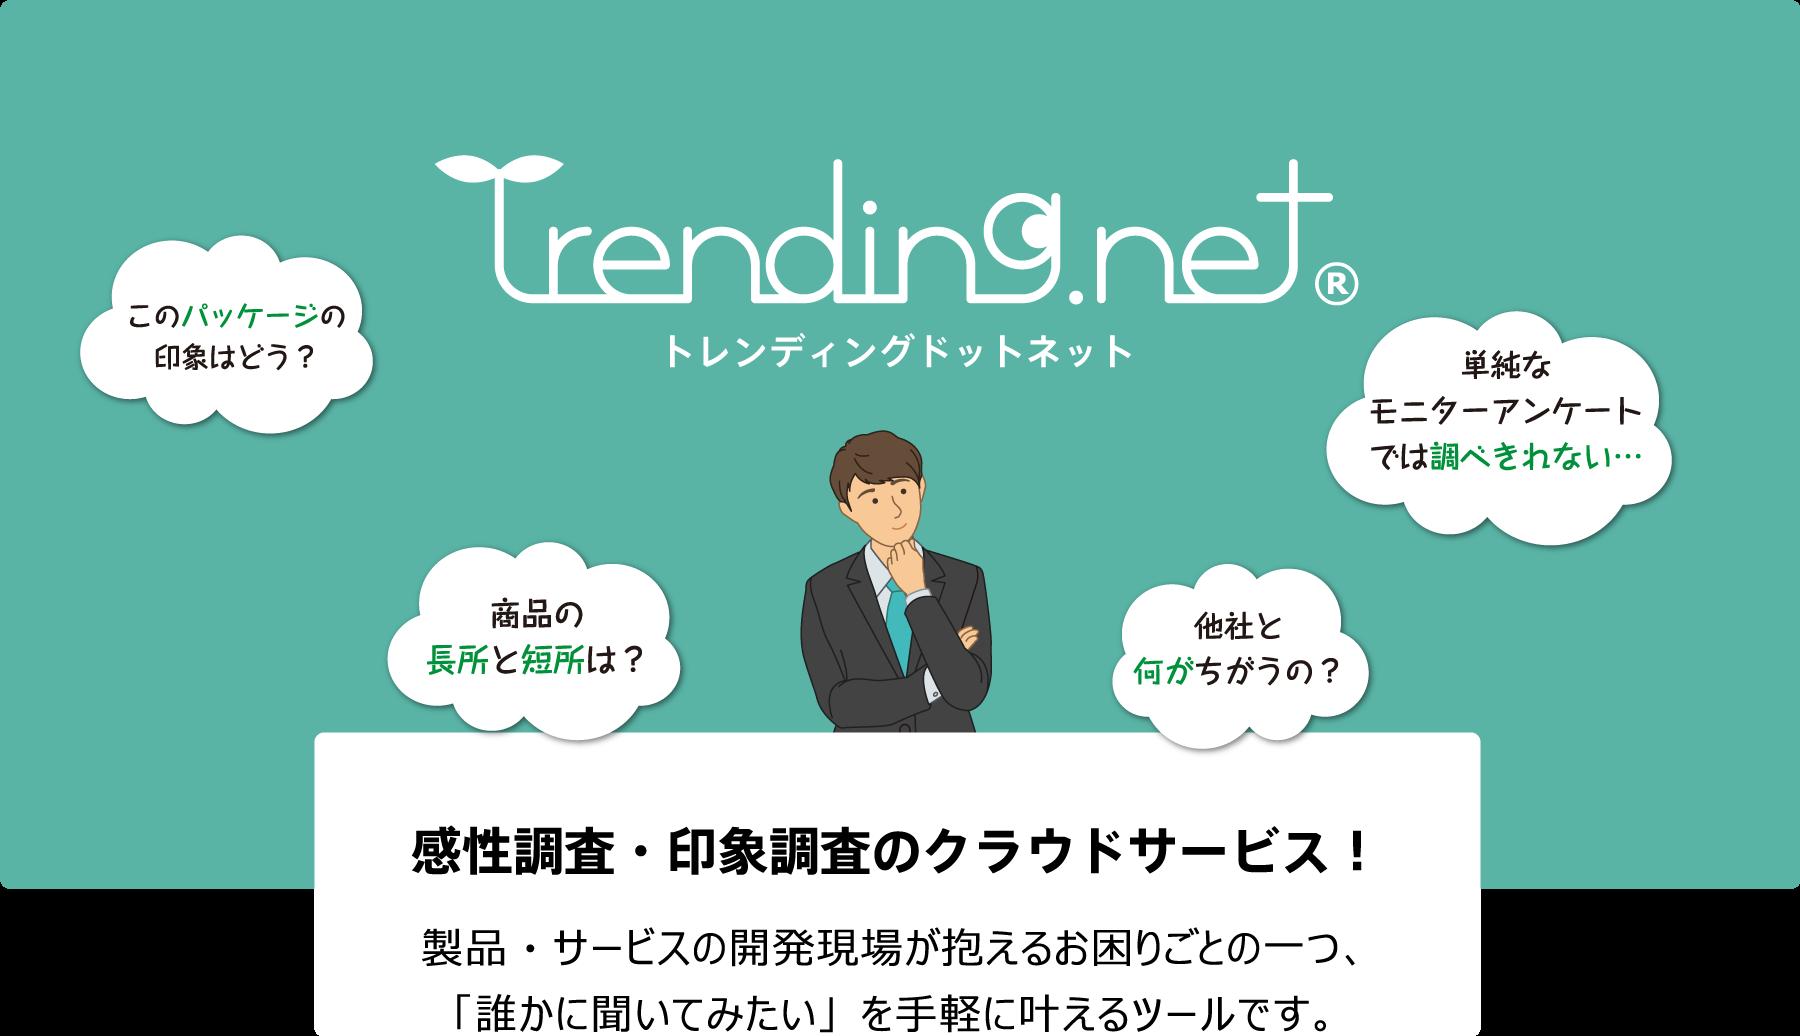 trendingトップ画像